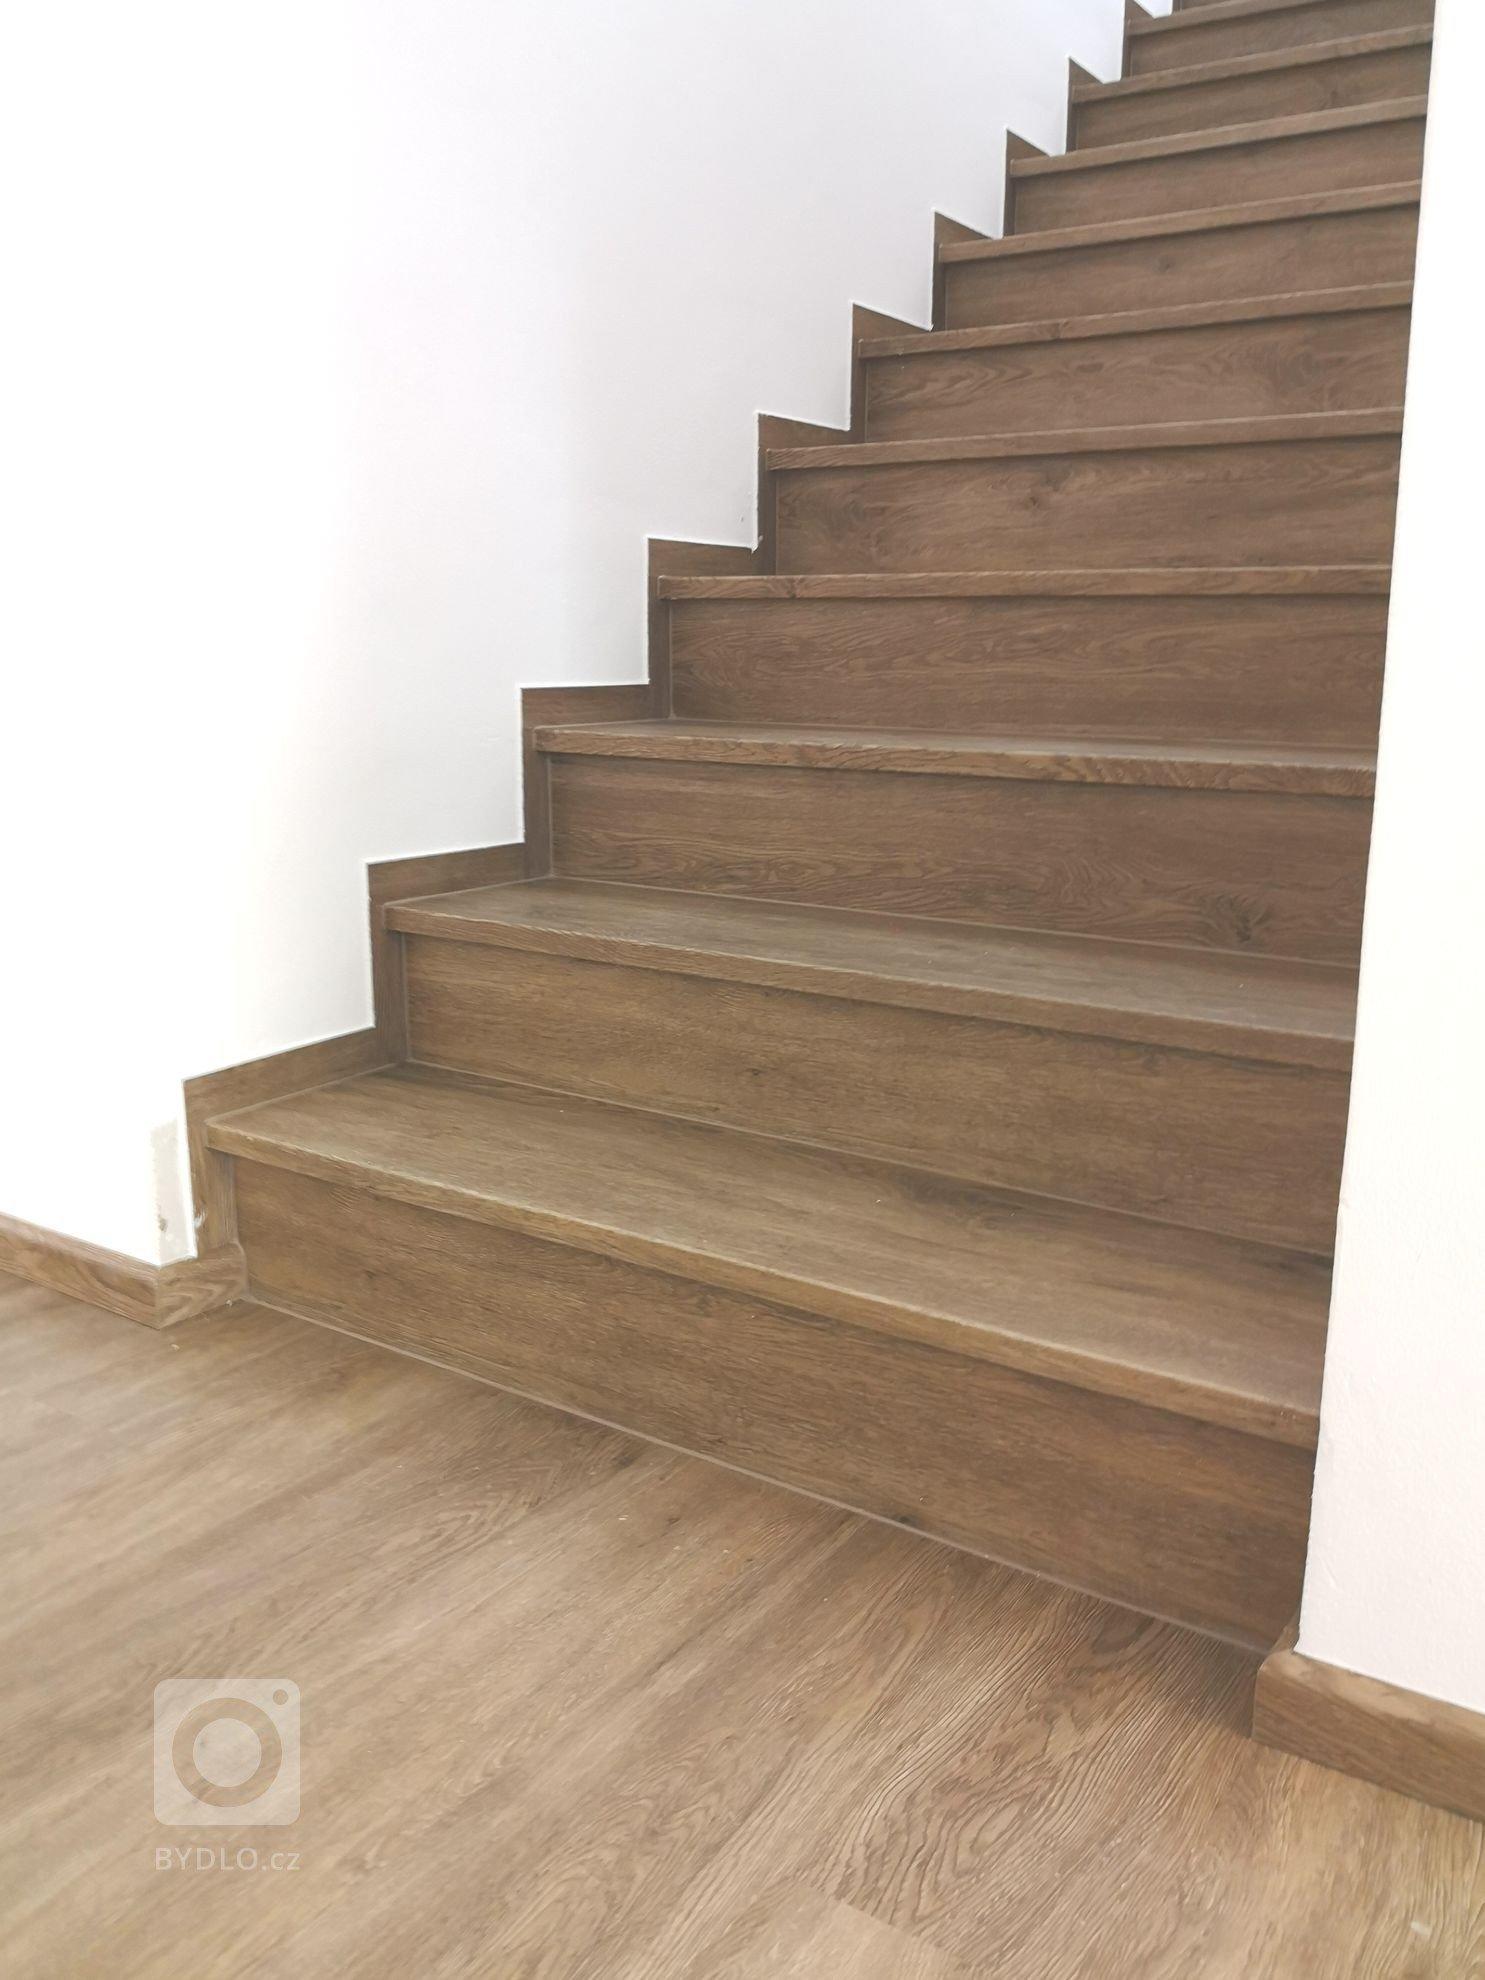 Podlaha i schodiště ve stejném dekoru